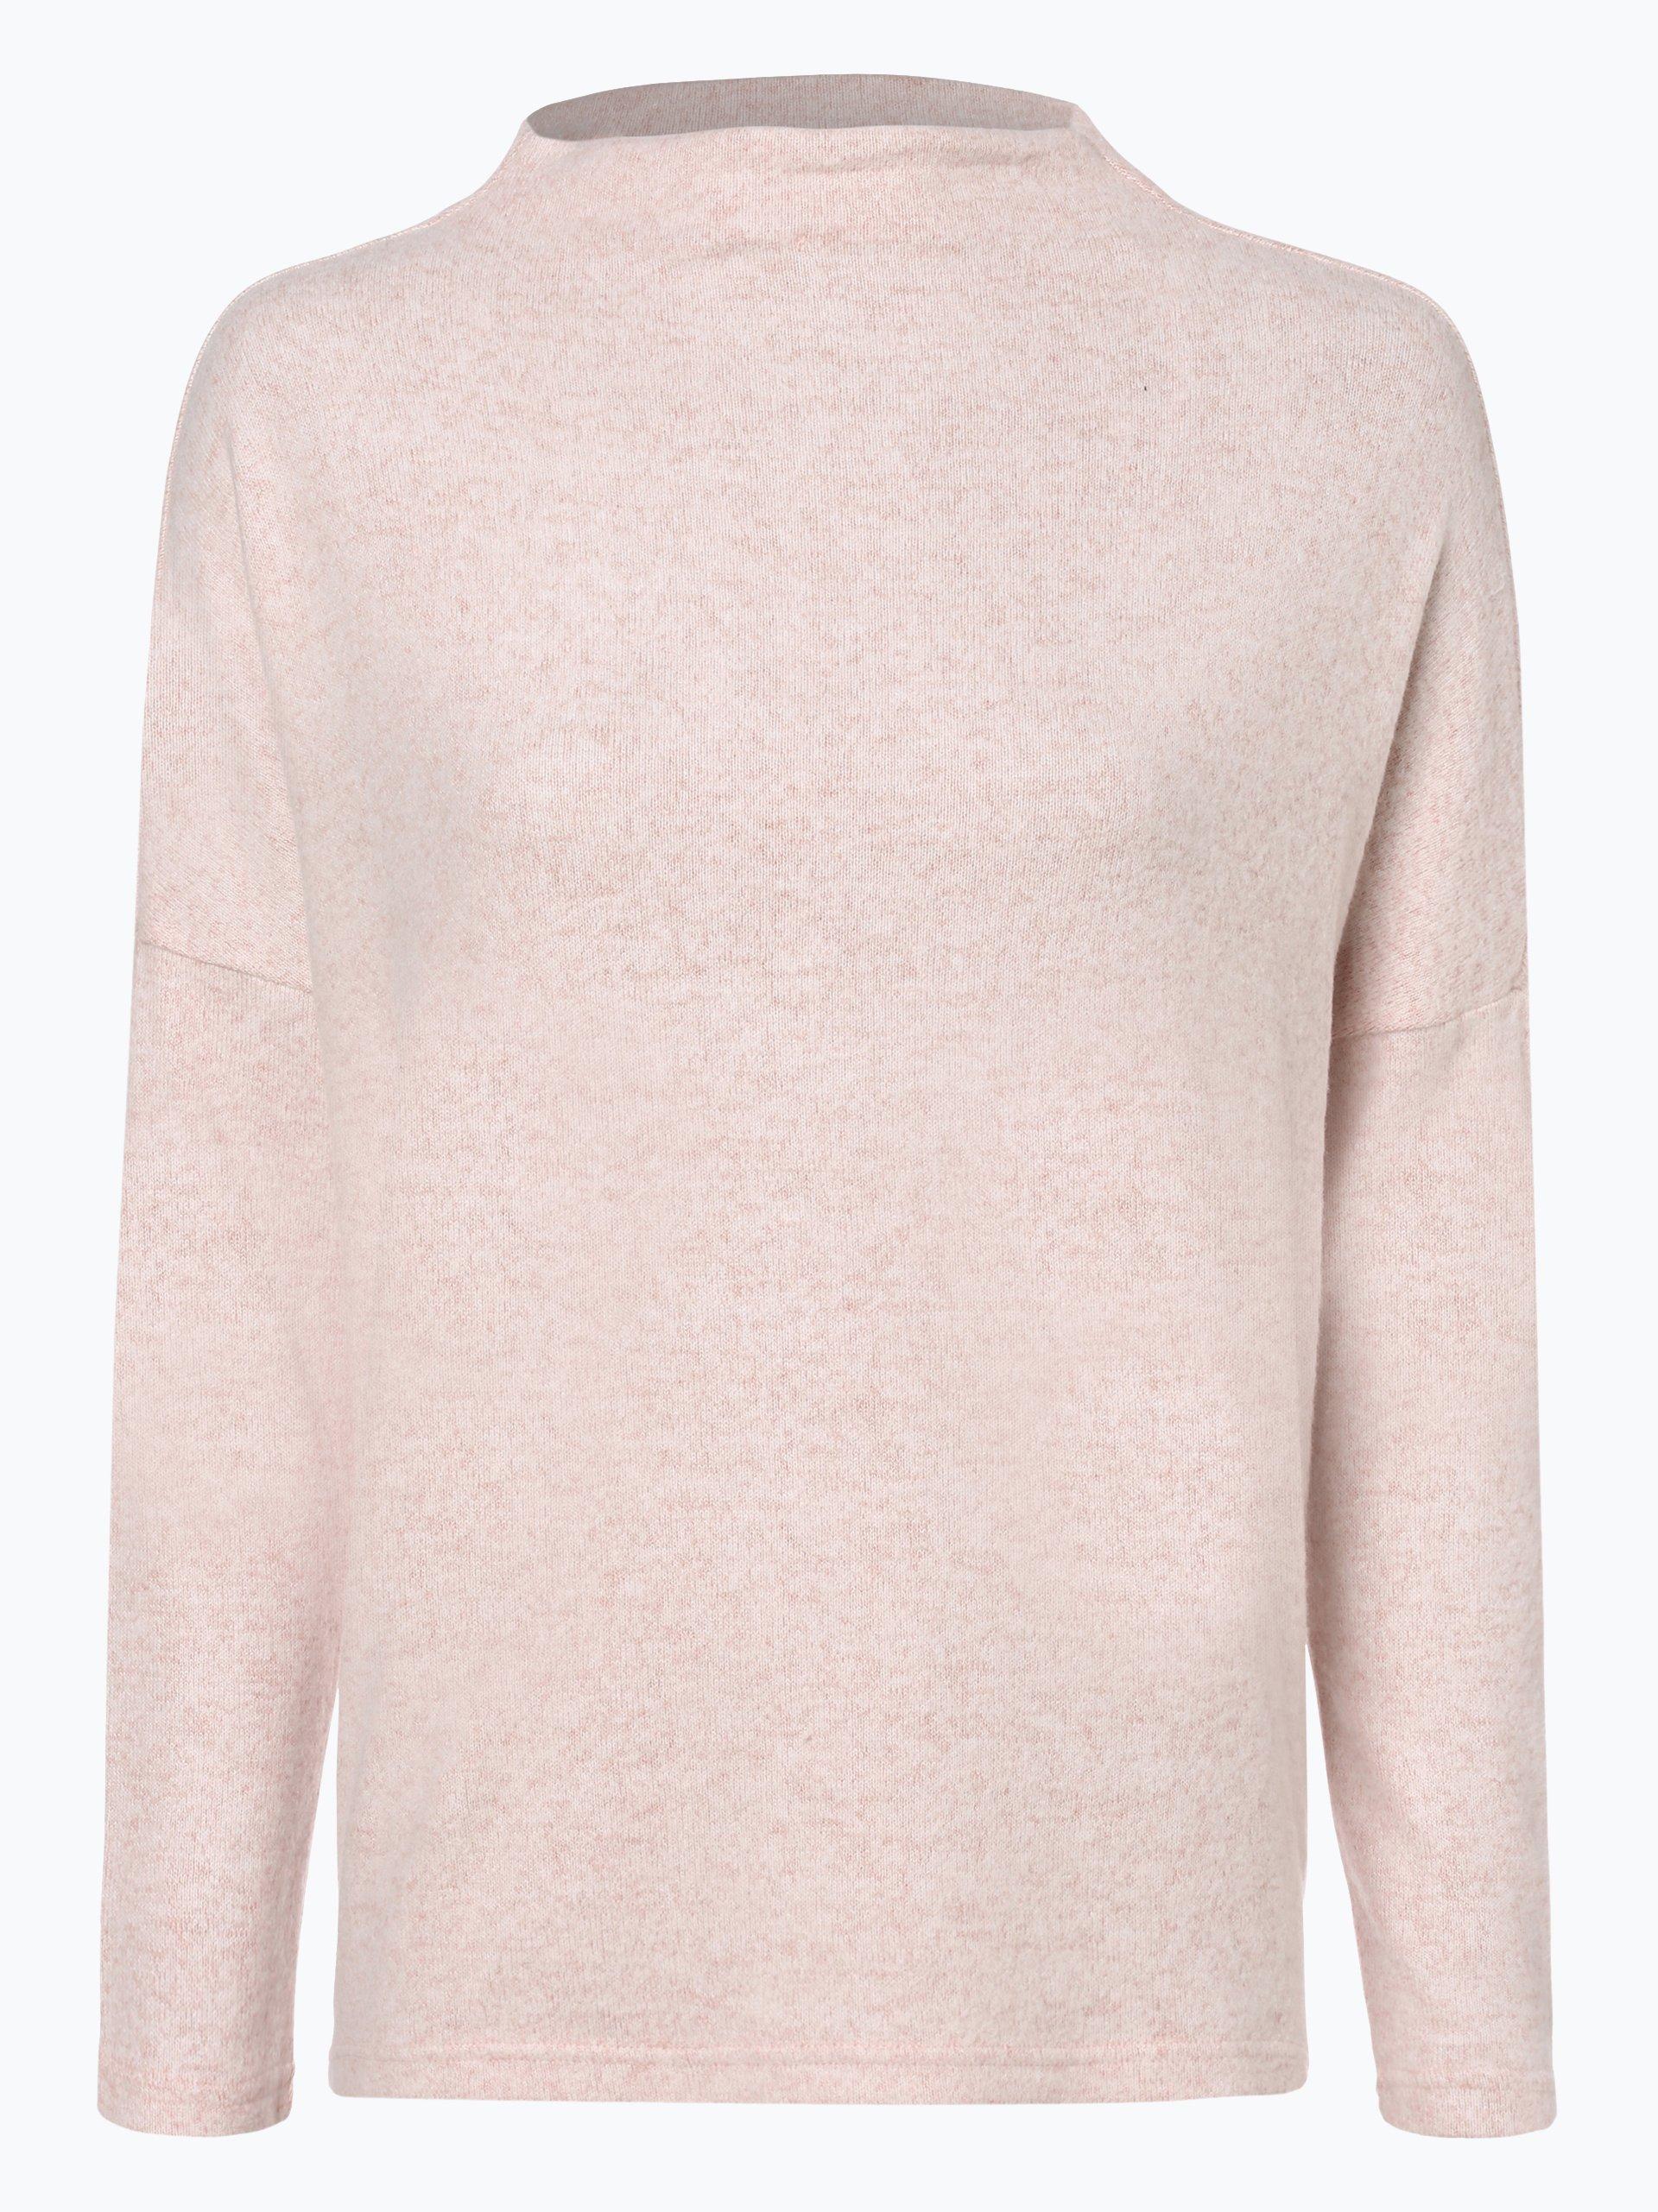 ONLY Damen Pullover - Kleo